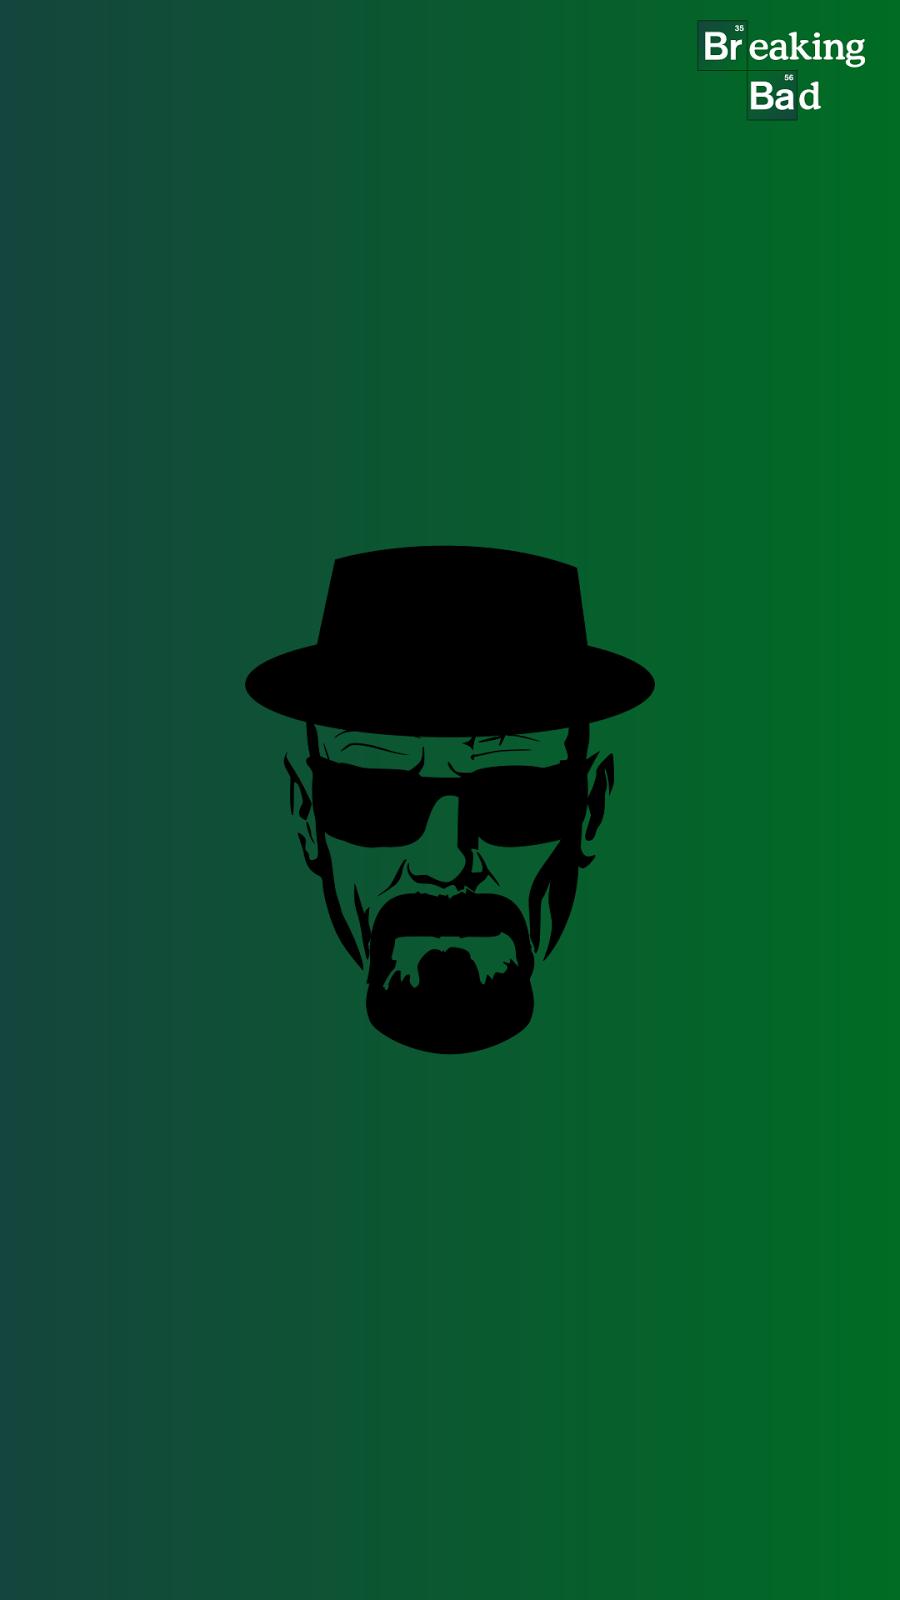 Breaking Bad 4k Wallpapers Top Free Breaking Bad 4k